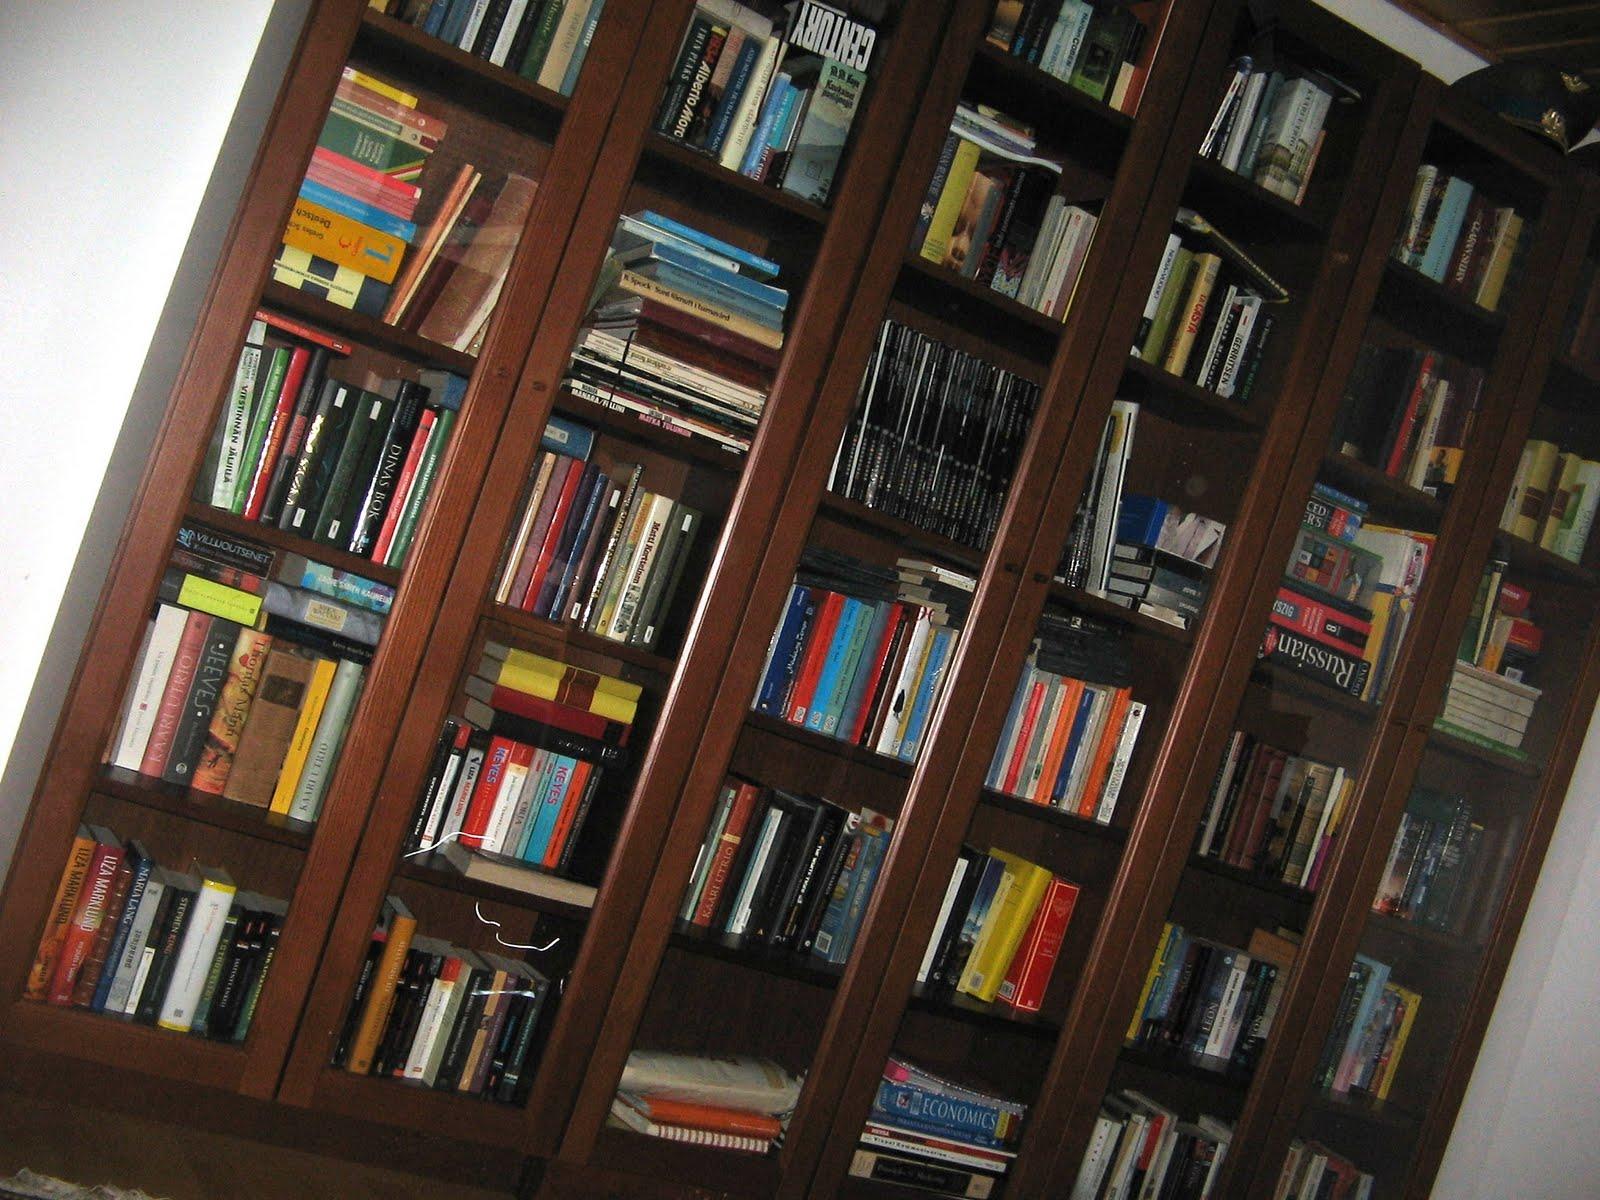 Valkoinen kirjahyllystä, lasiovet